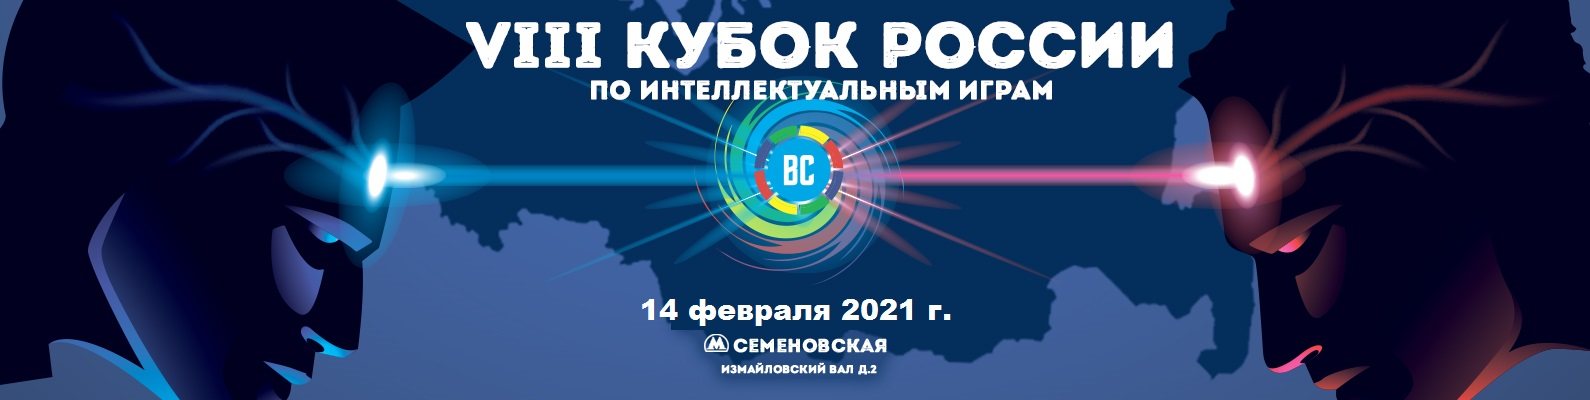 VIII КУБОК РОССИЙСКОЙ ФЕДЕРАЦИИ ПО АКТИВНЫМ ИНТЕЛЛЕКТУАЛЬНЫМ ИГРАМ-2021